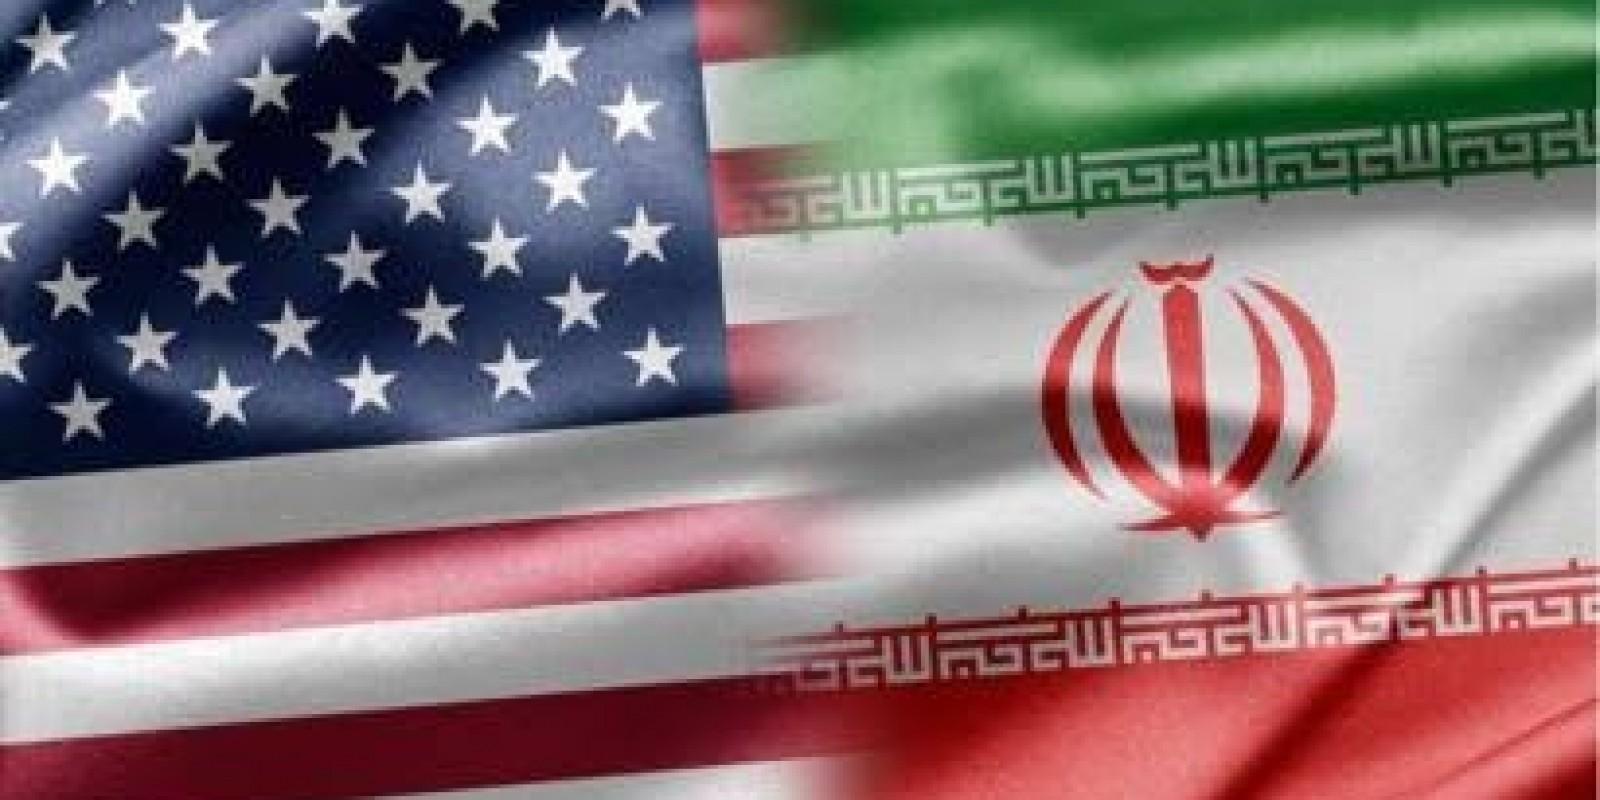 Bases iraquianas são atacadas; Irã assume responsabilidade